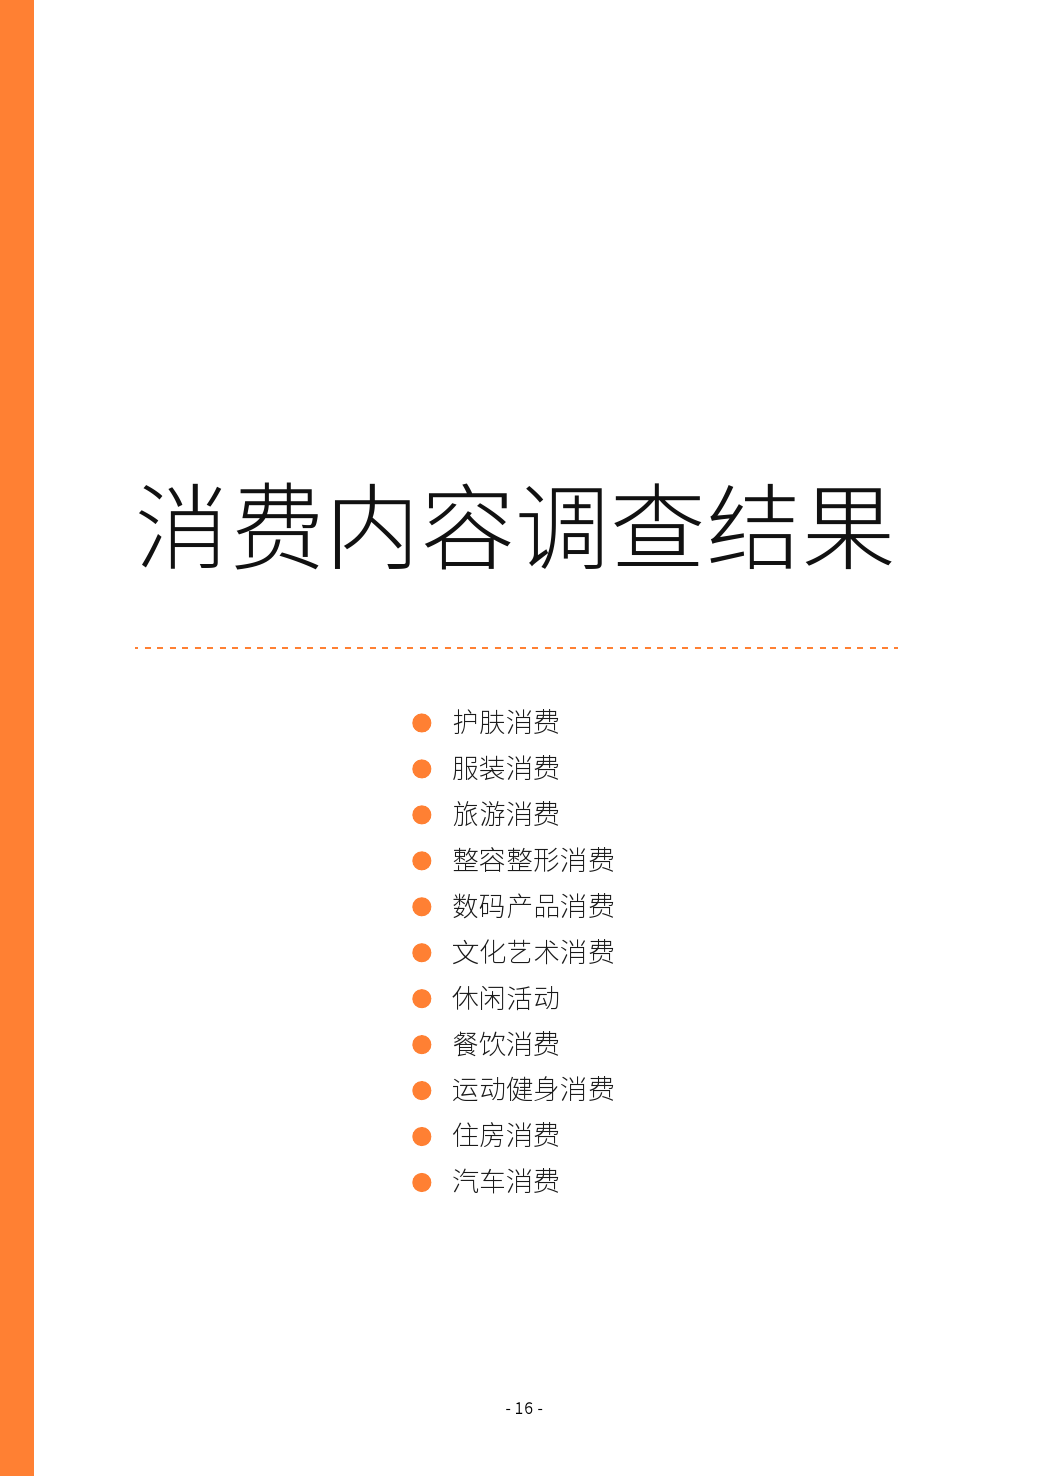 第二届中国LGBT群体消费调查报告_000016